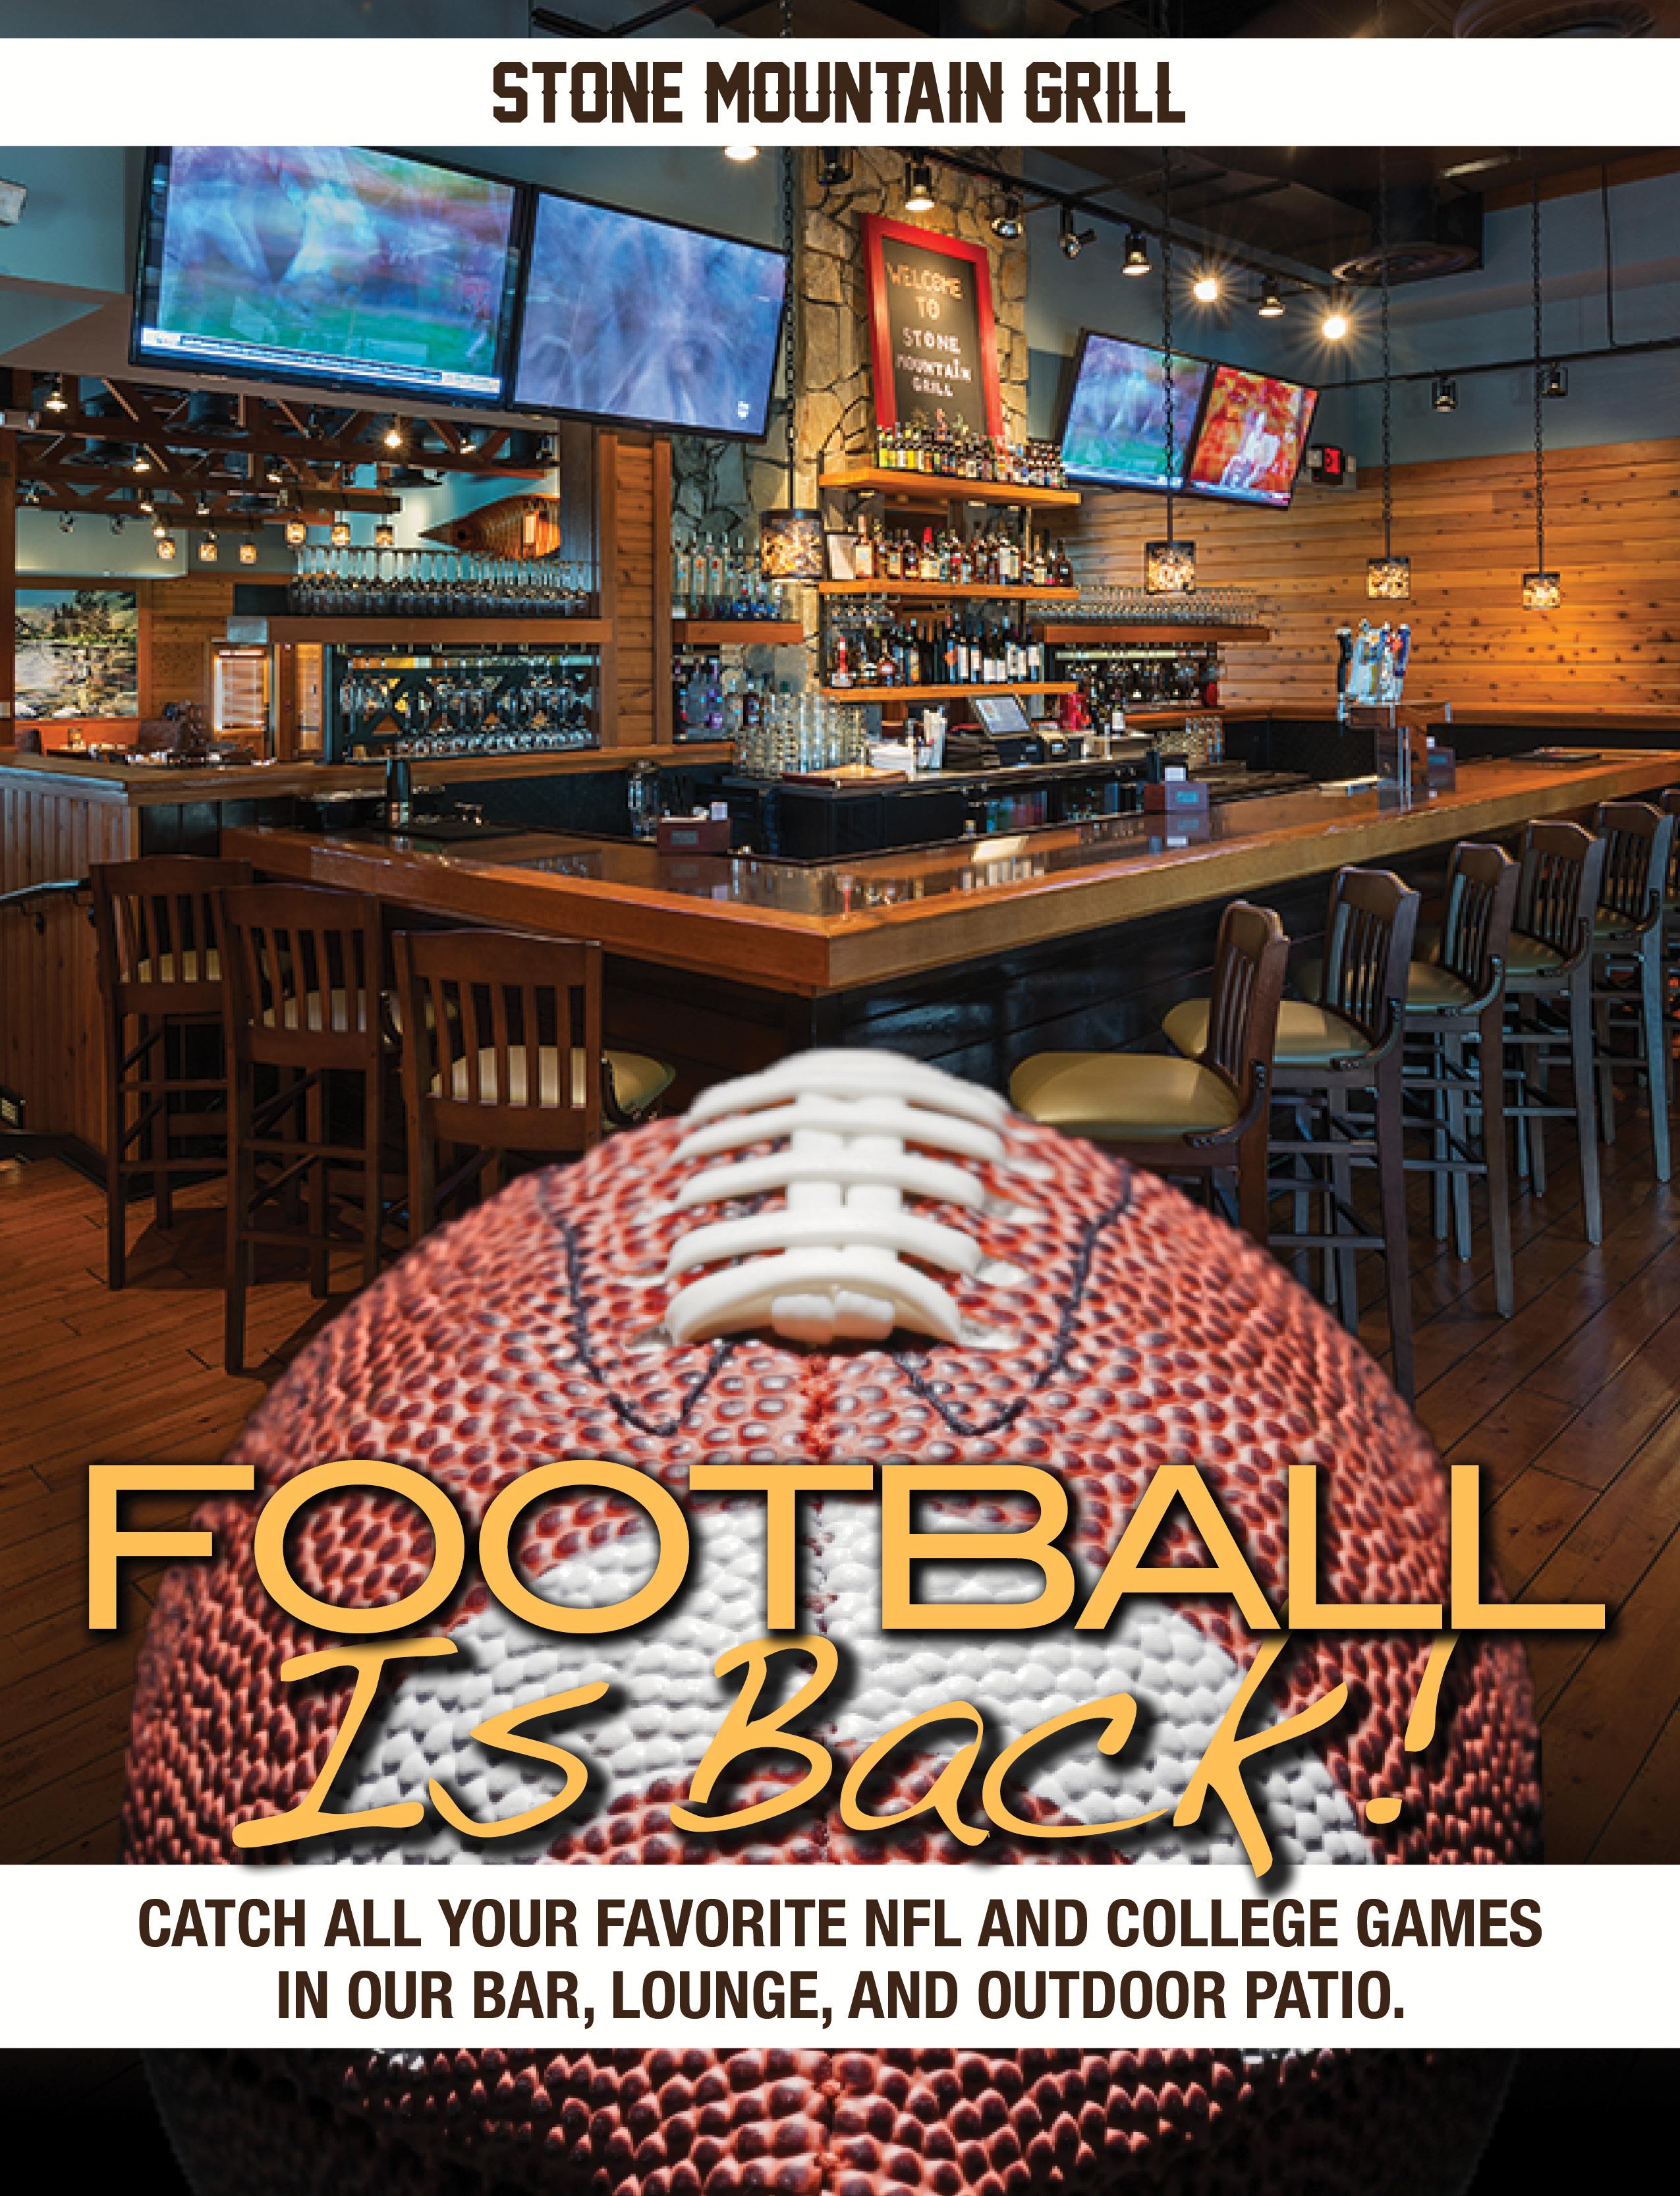 Stone Mountain football image